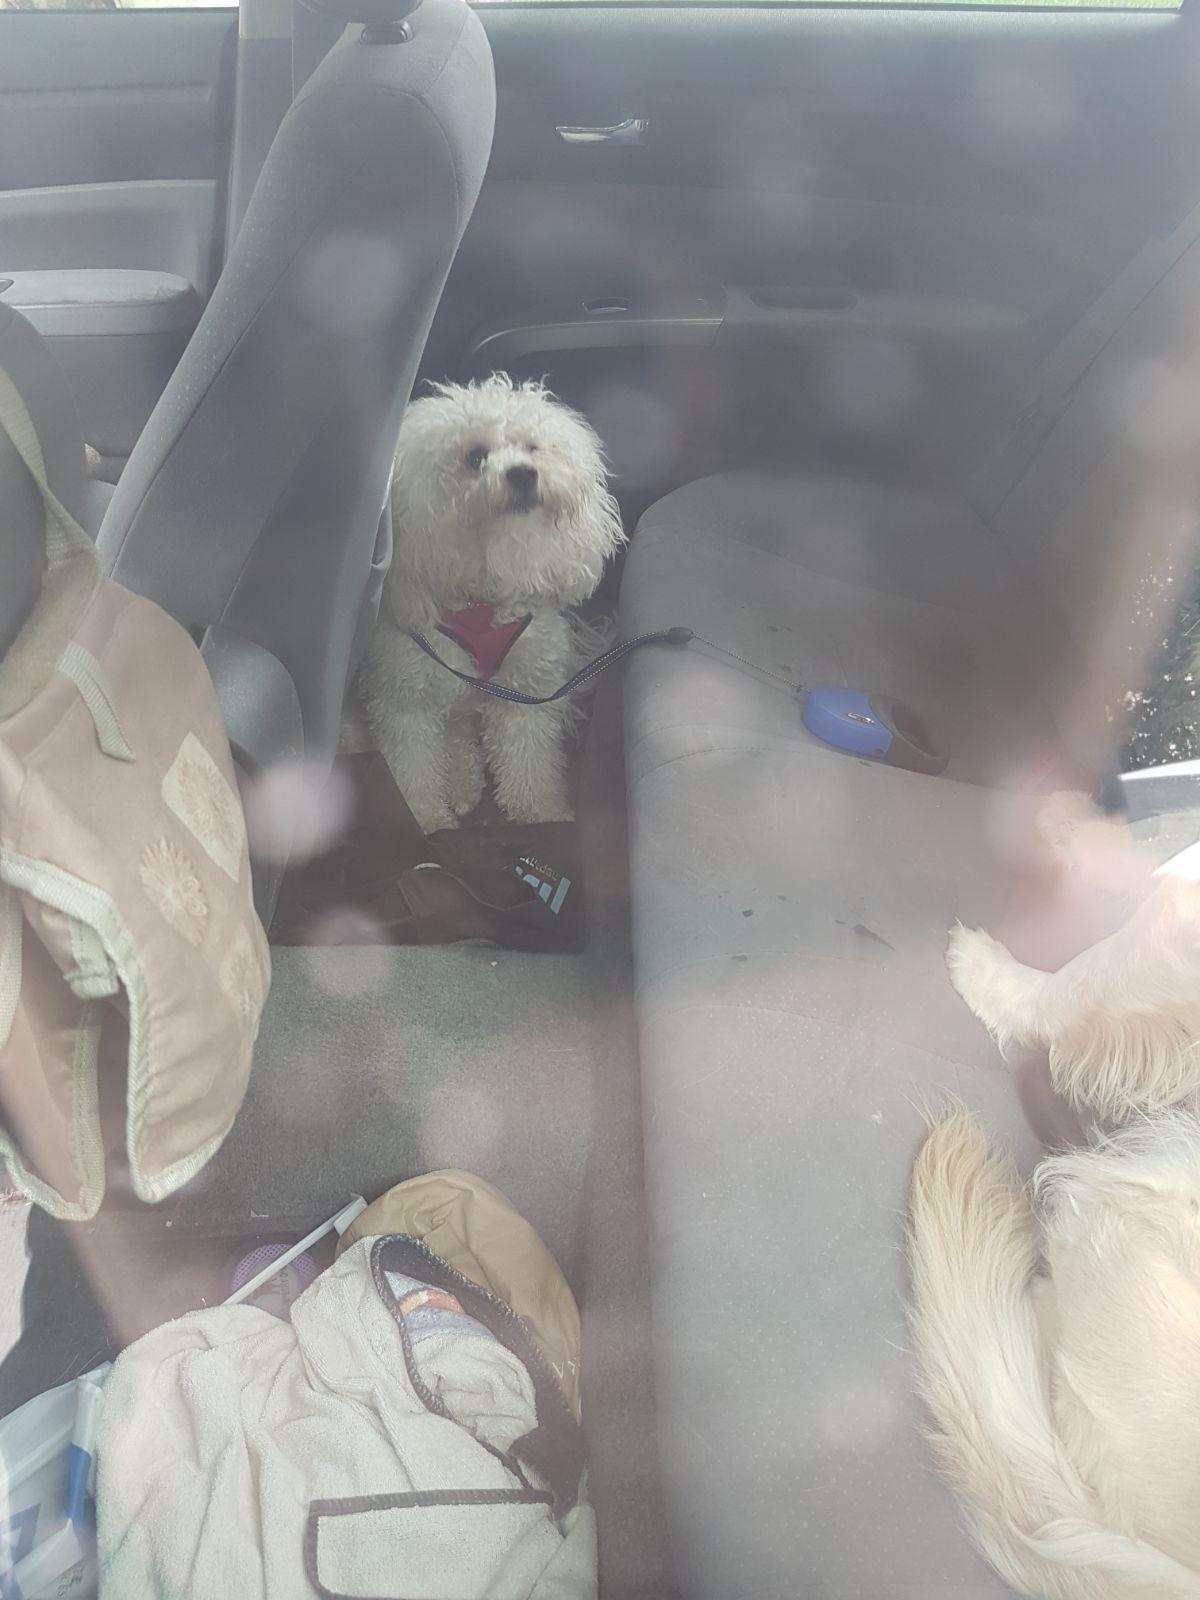 אחד הכלבים ברכב הלוהט (צילום: דוברות כבאות והצלה ירושלים)